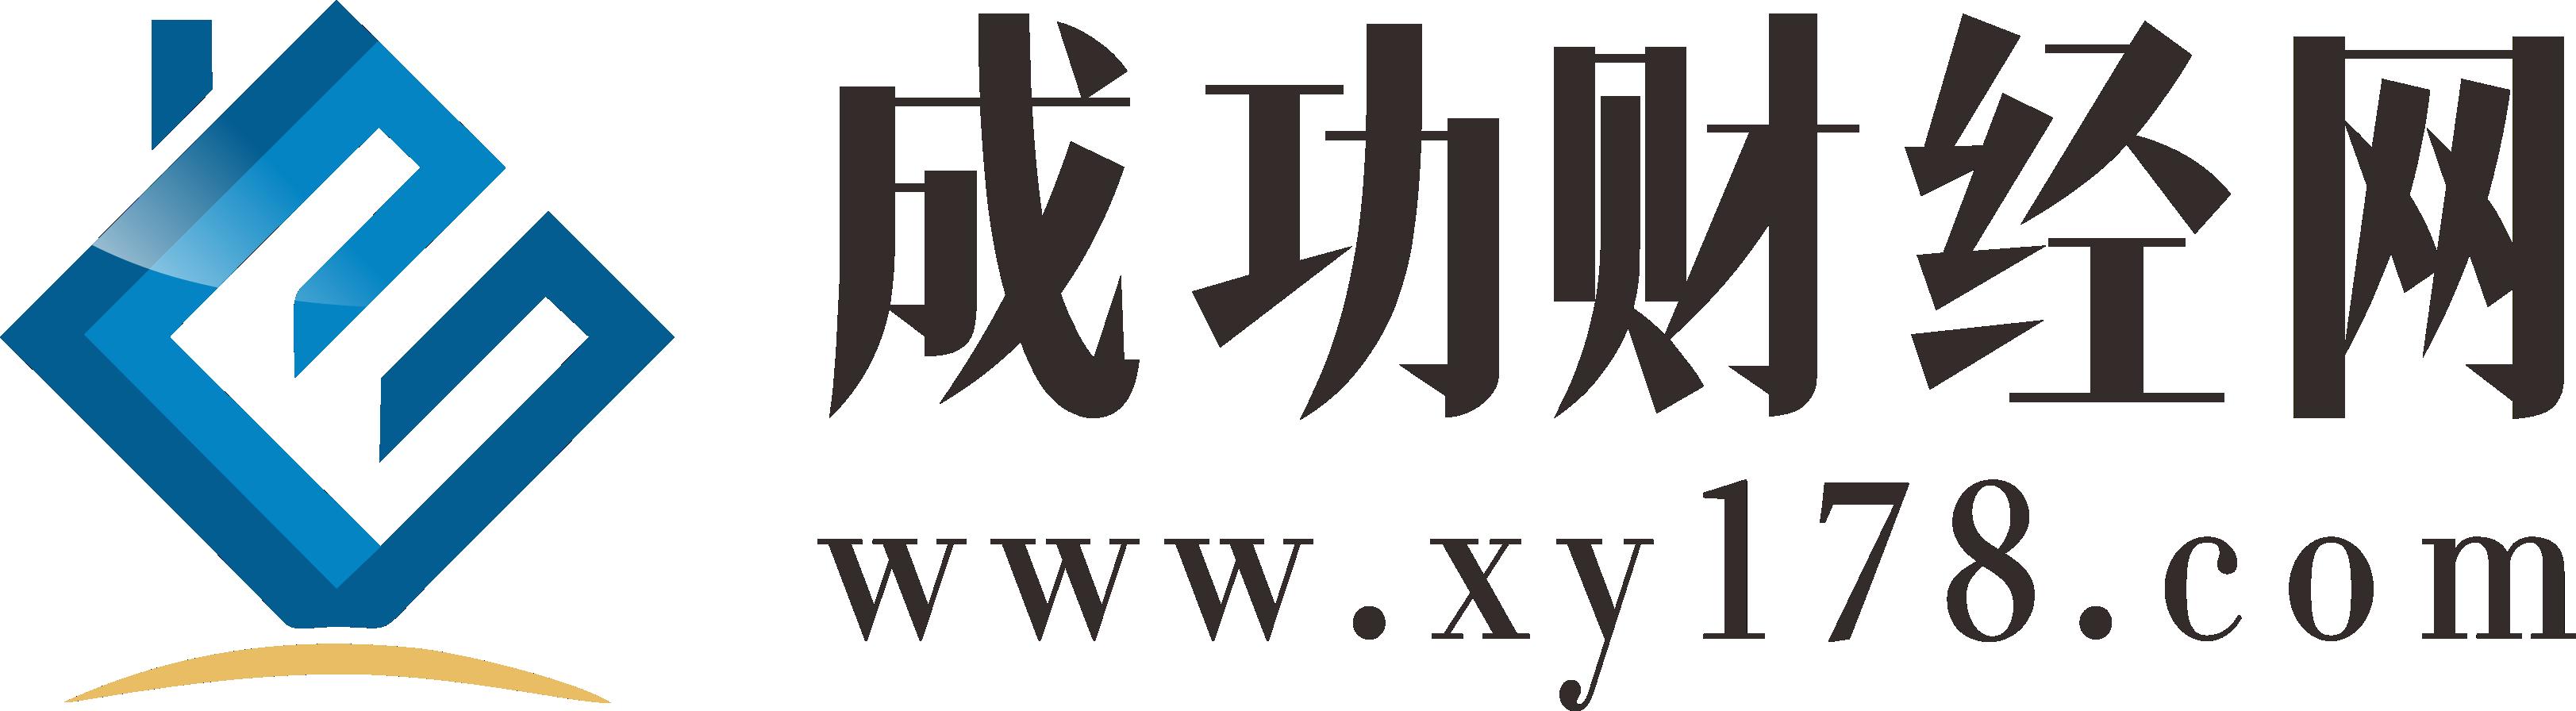 成功财经网-成功人士专业的财经资讯网站